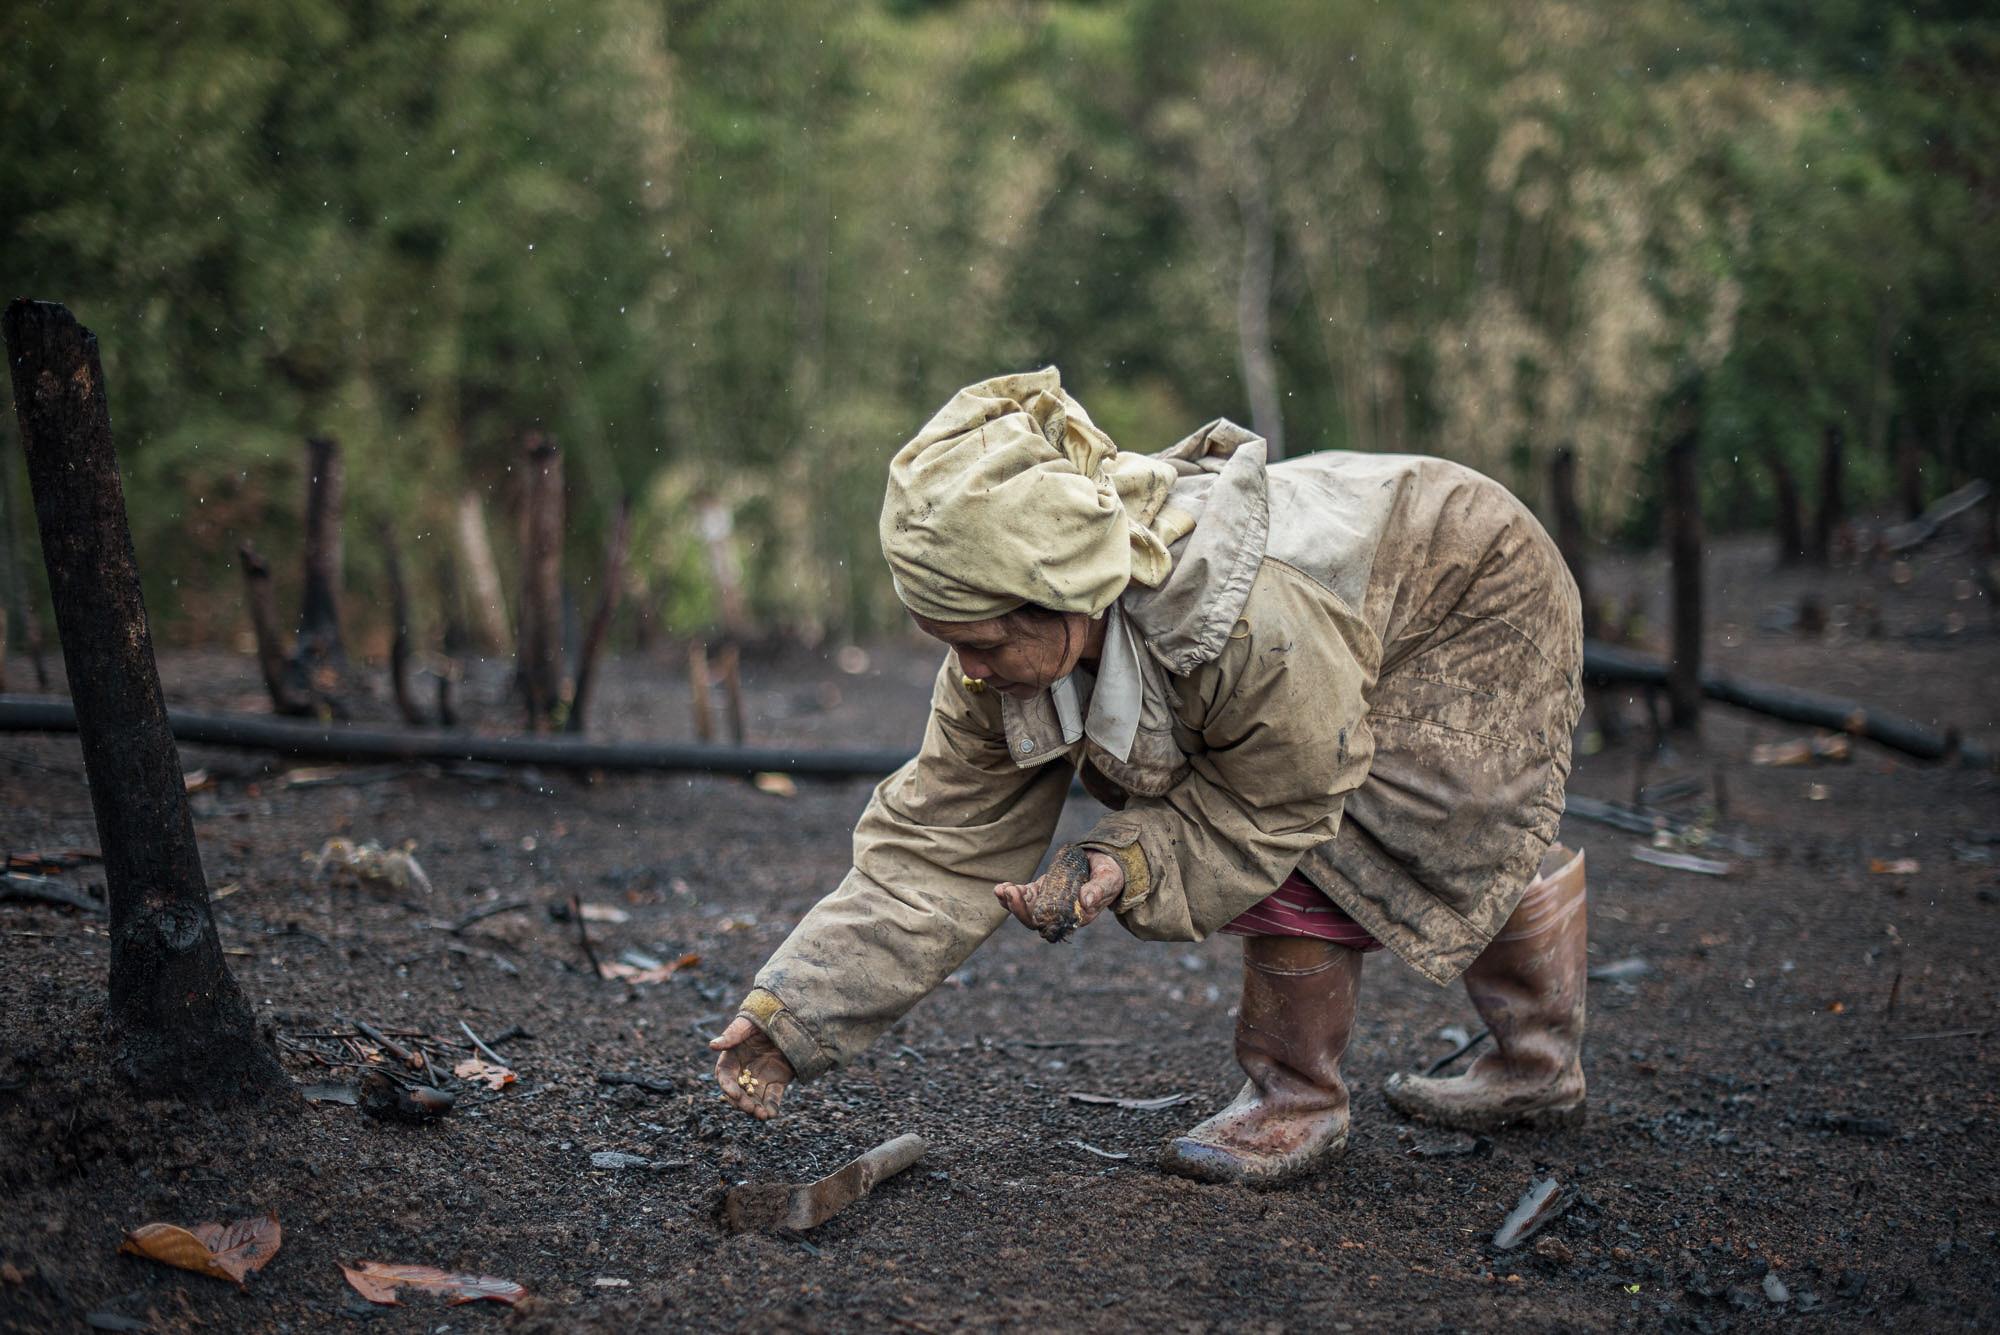 ชาวบ้านกำลังหยอดเมล็ดข้าวไร่กลางสายฝน เพราะการเผาที่ล่าช้าทำให้ฝนแรกตกลงมาเสียก่อนที่การหว่านเมล็ดพันธ์จะเสร็จเรียบร้อย (ที่มา: ยศธร ไตรยศ)